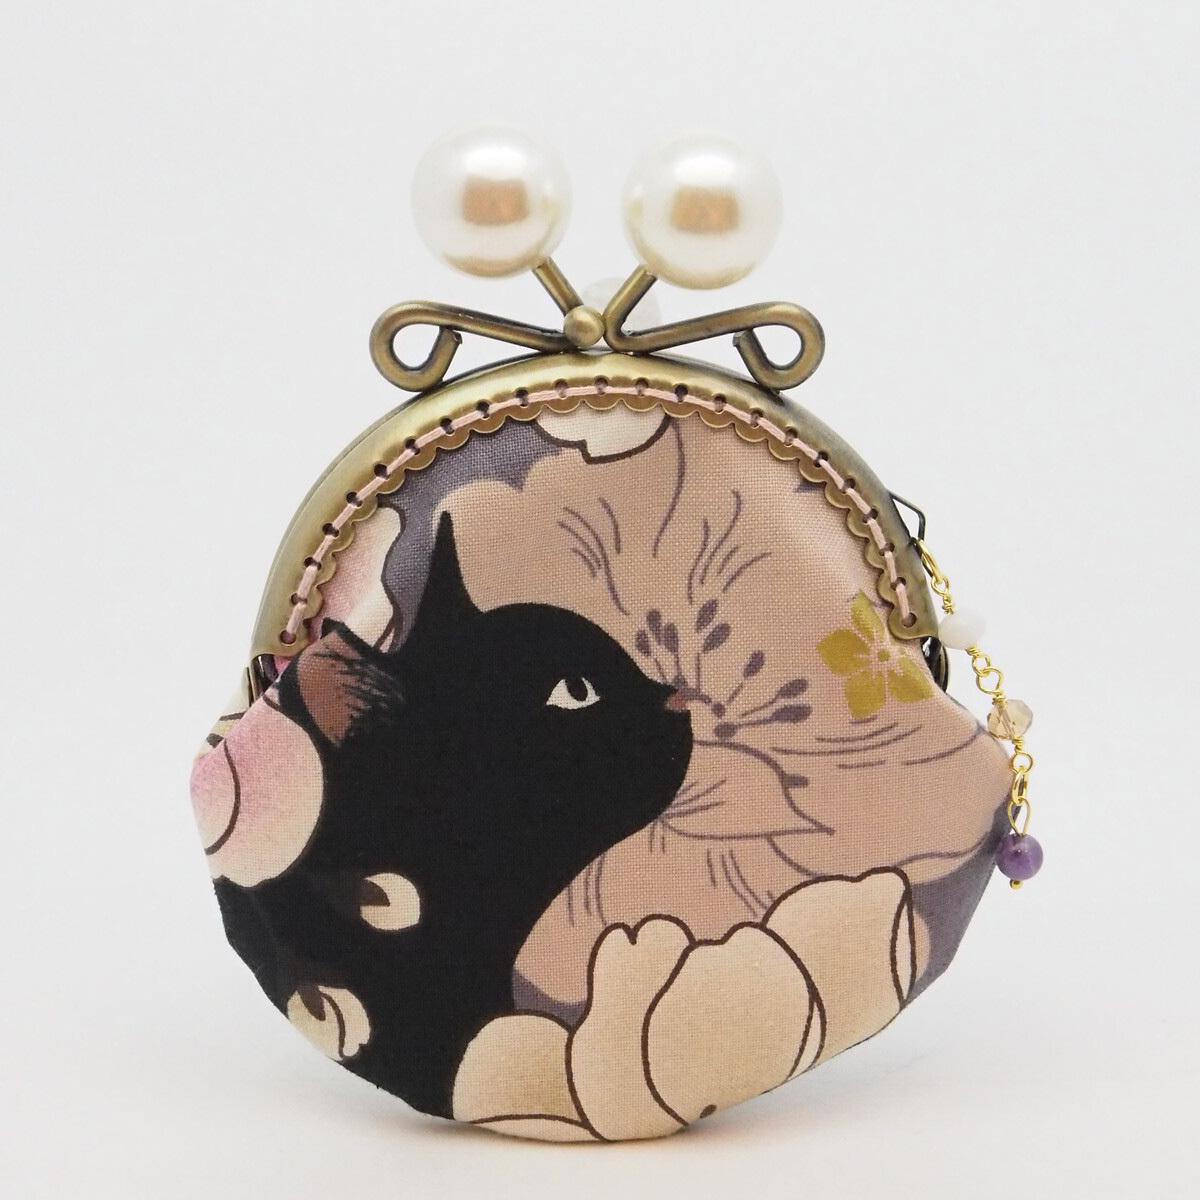 【ハンドメイド】気持ち華やぐがま口ポーチ・コインケース(黒猫と牡丹)(口金8.5センチ)